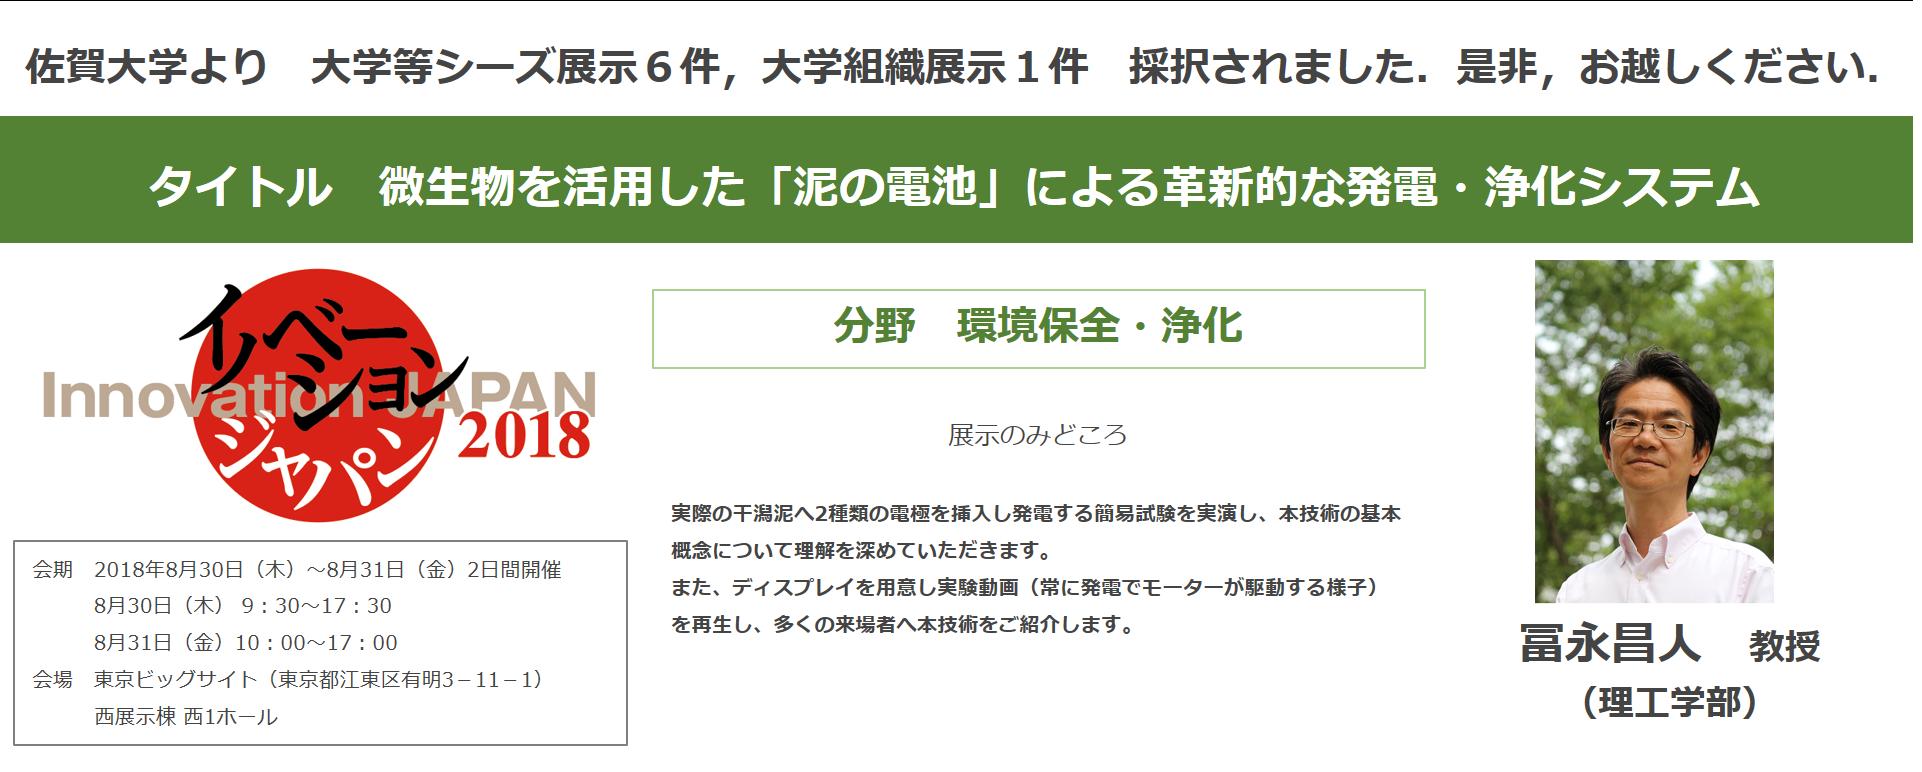 イノベーションジャパン(冨永先生)